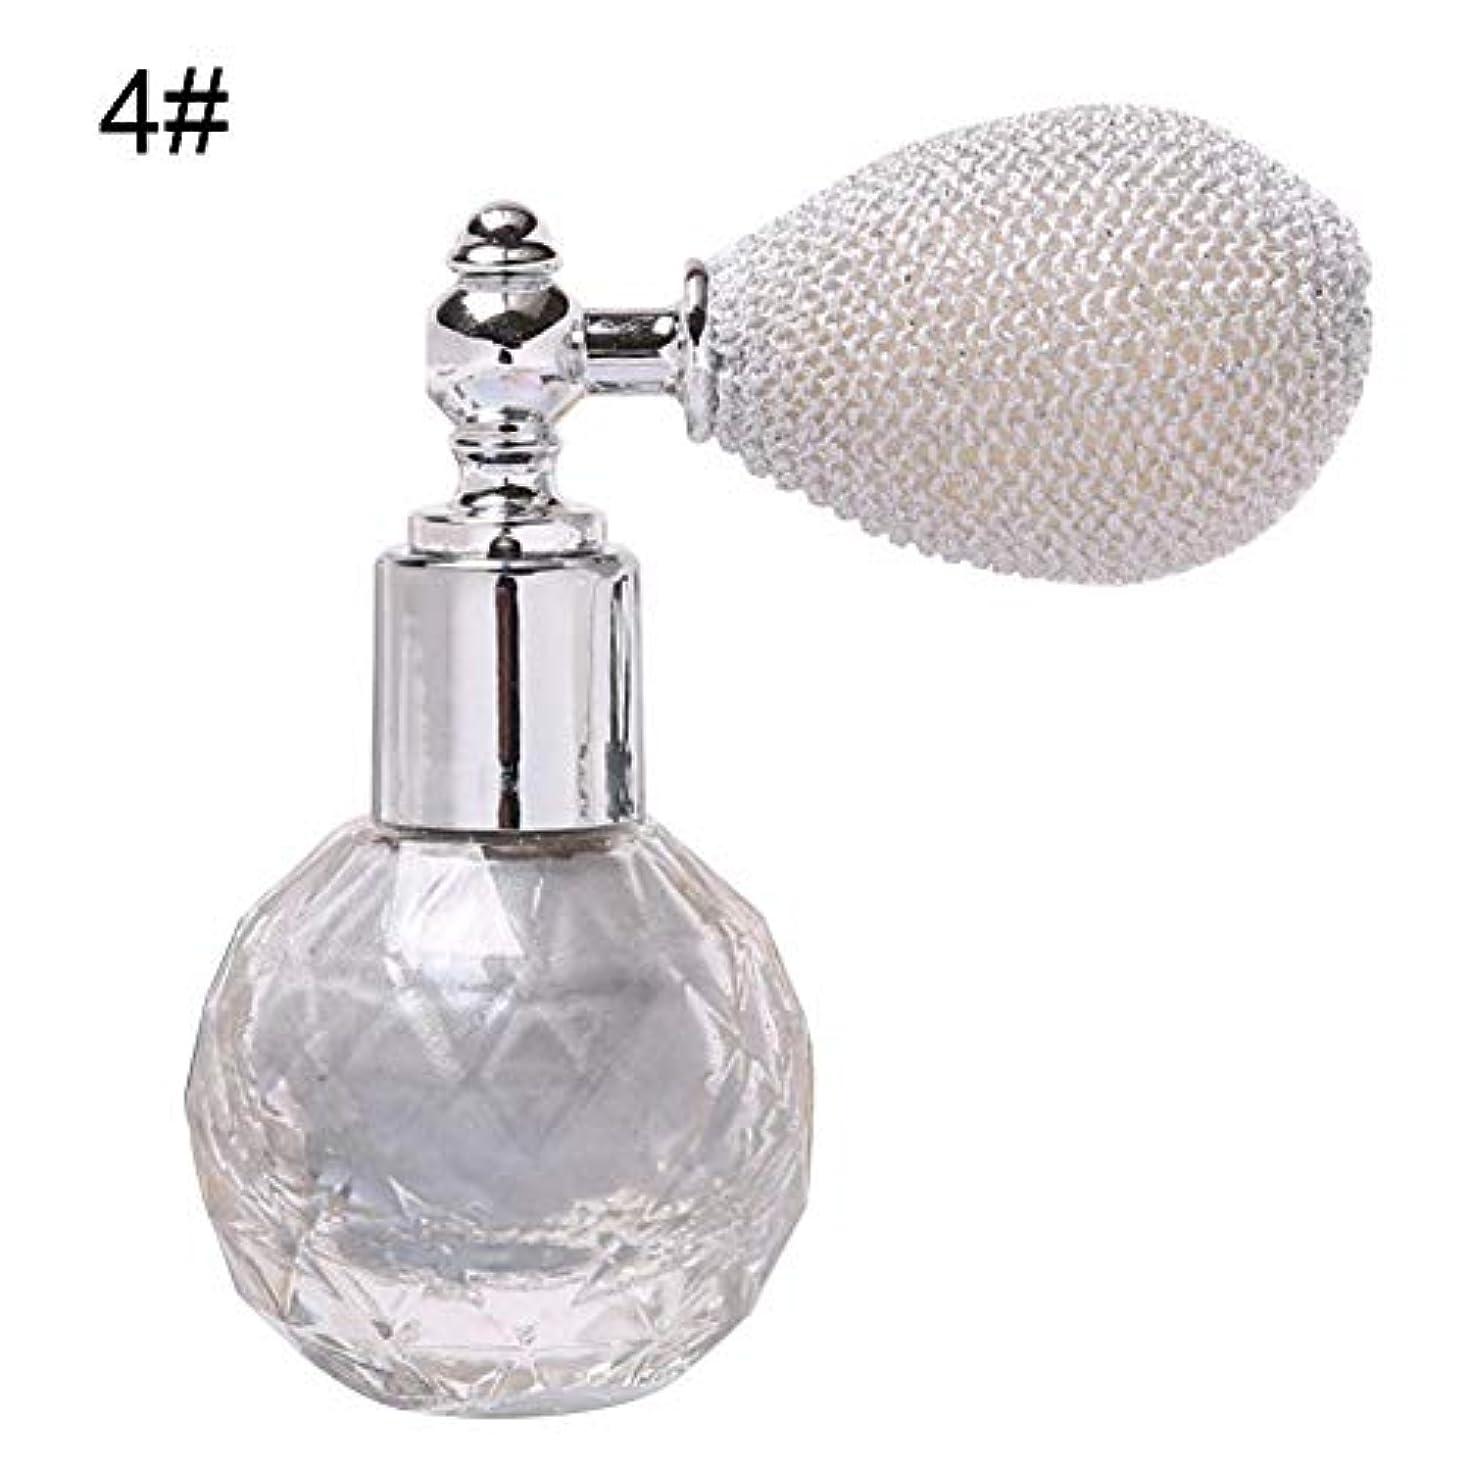 にはまって安心書くガラスボトル香水瓶 アトマイザー ポンプ式 香水瓶 クリア星柄ストリームラインデザイン シルバーワインスプレー 100ML ホーム飾り 装飾雑貨